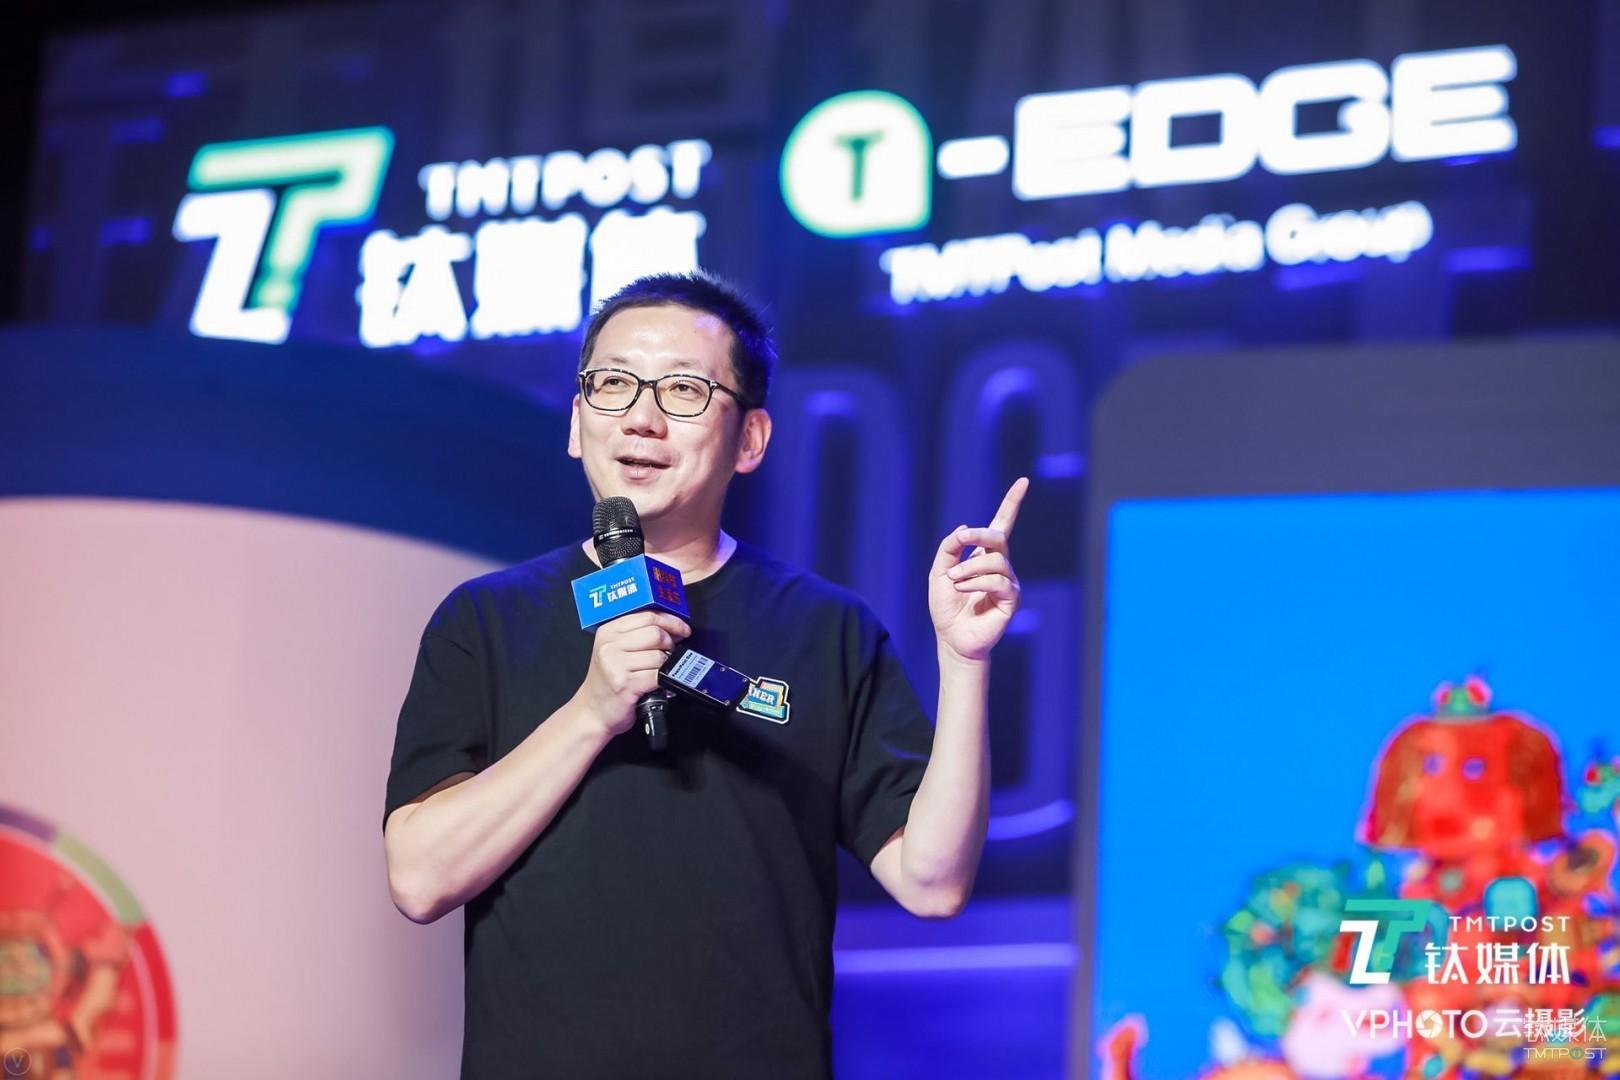 峰瑞资本李丰:今天消费行业的竞争是全链条的效率竞争   科技生活节